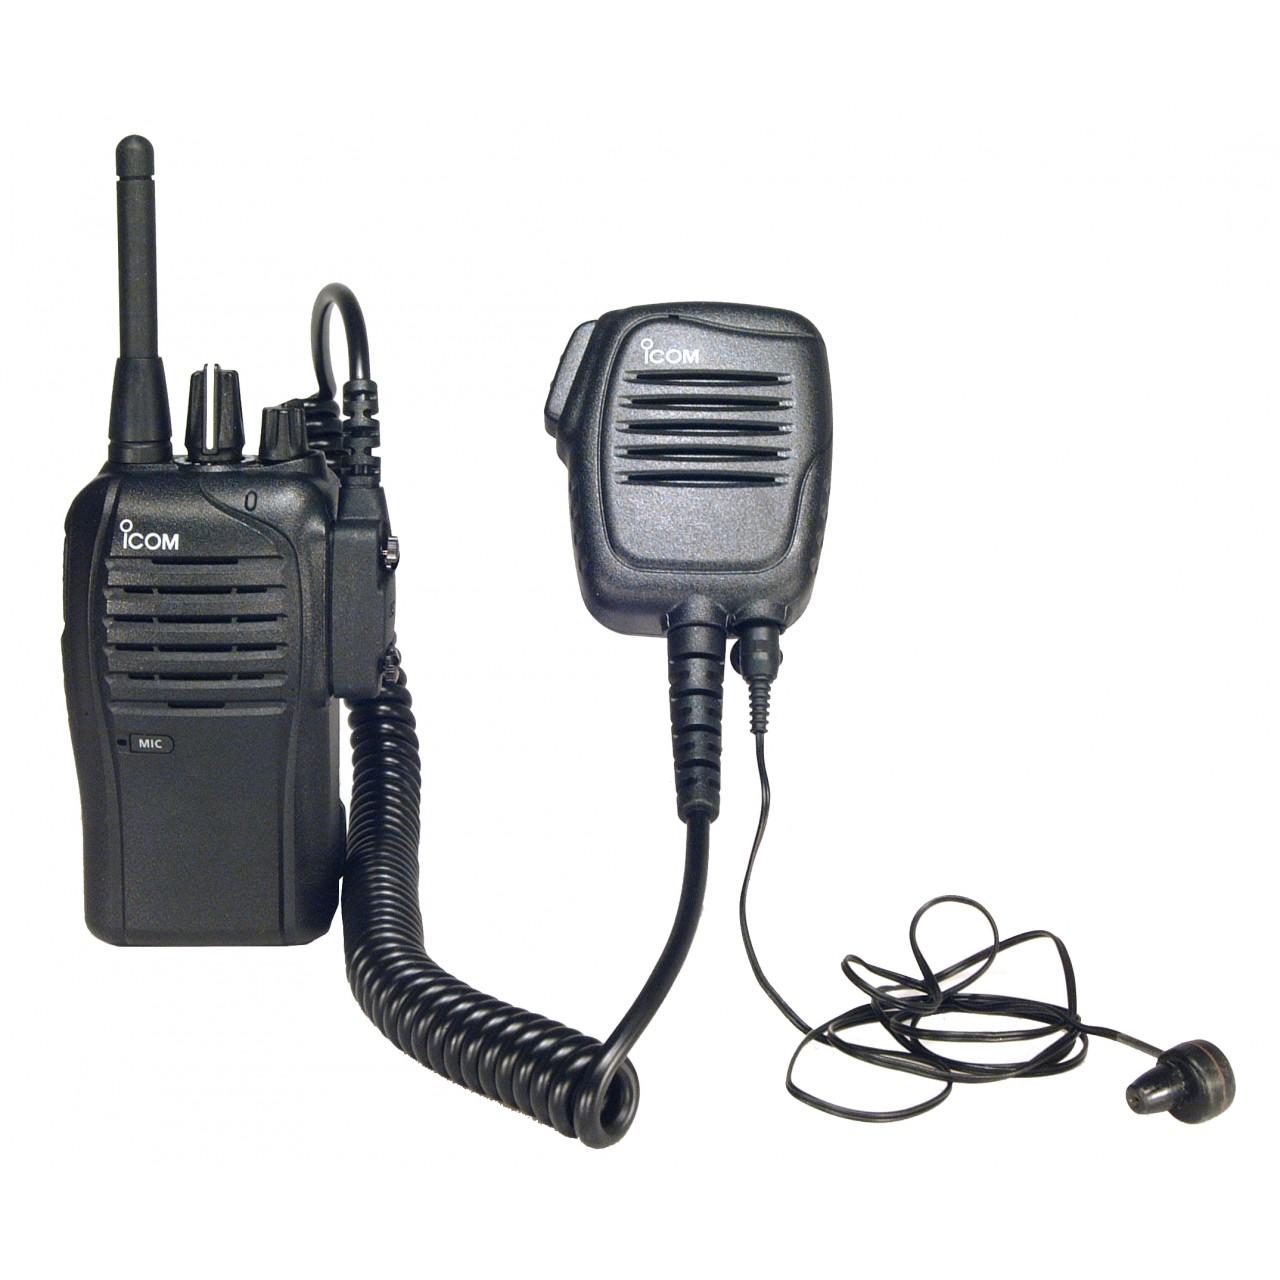 IC-F27SR avec microphone HM-159LA et oreillette SP-13